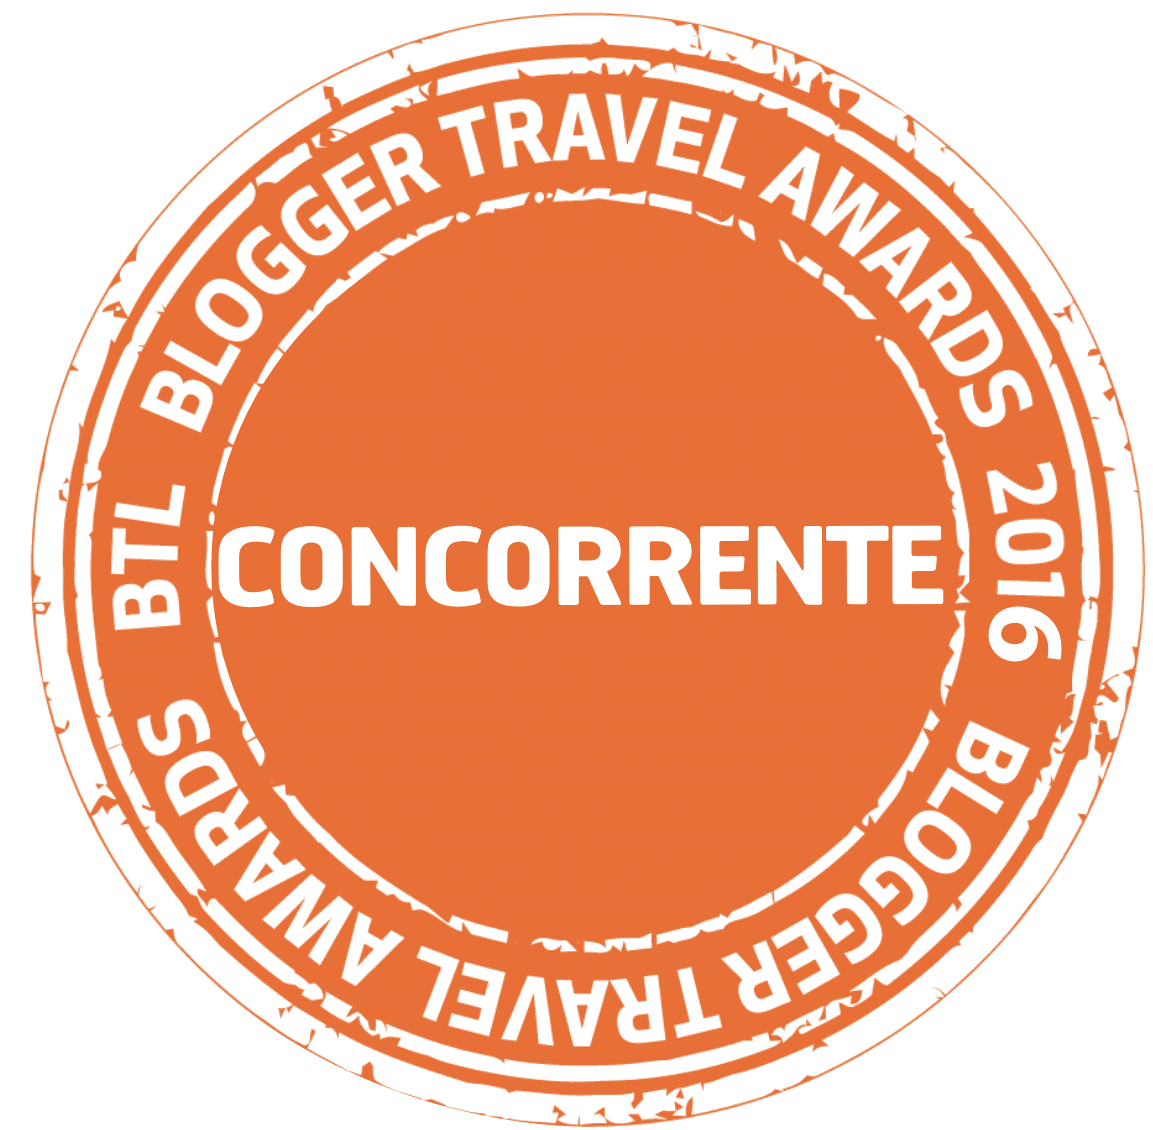 BTL Blogger Travel Awards 2016